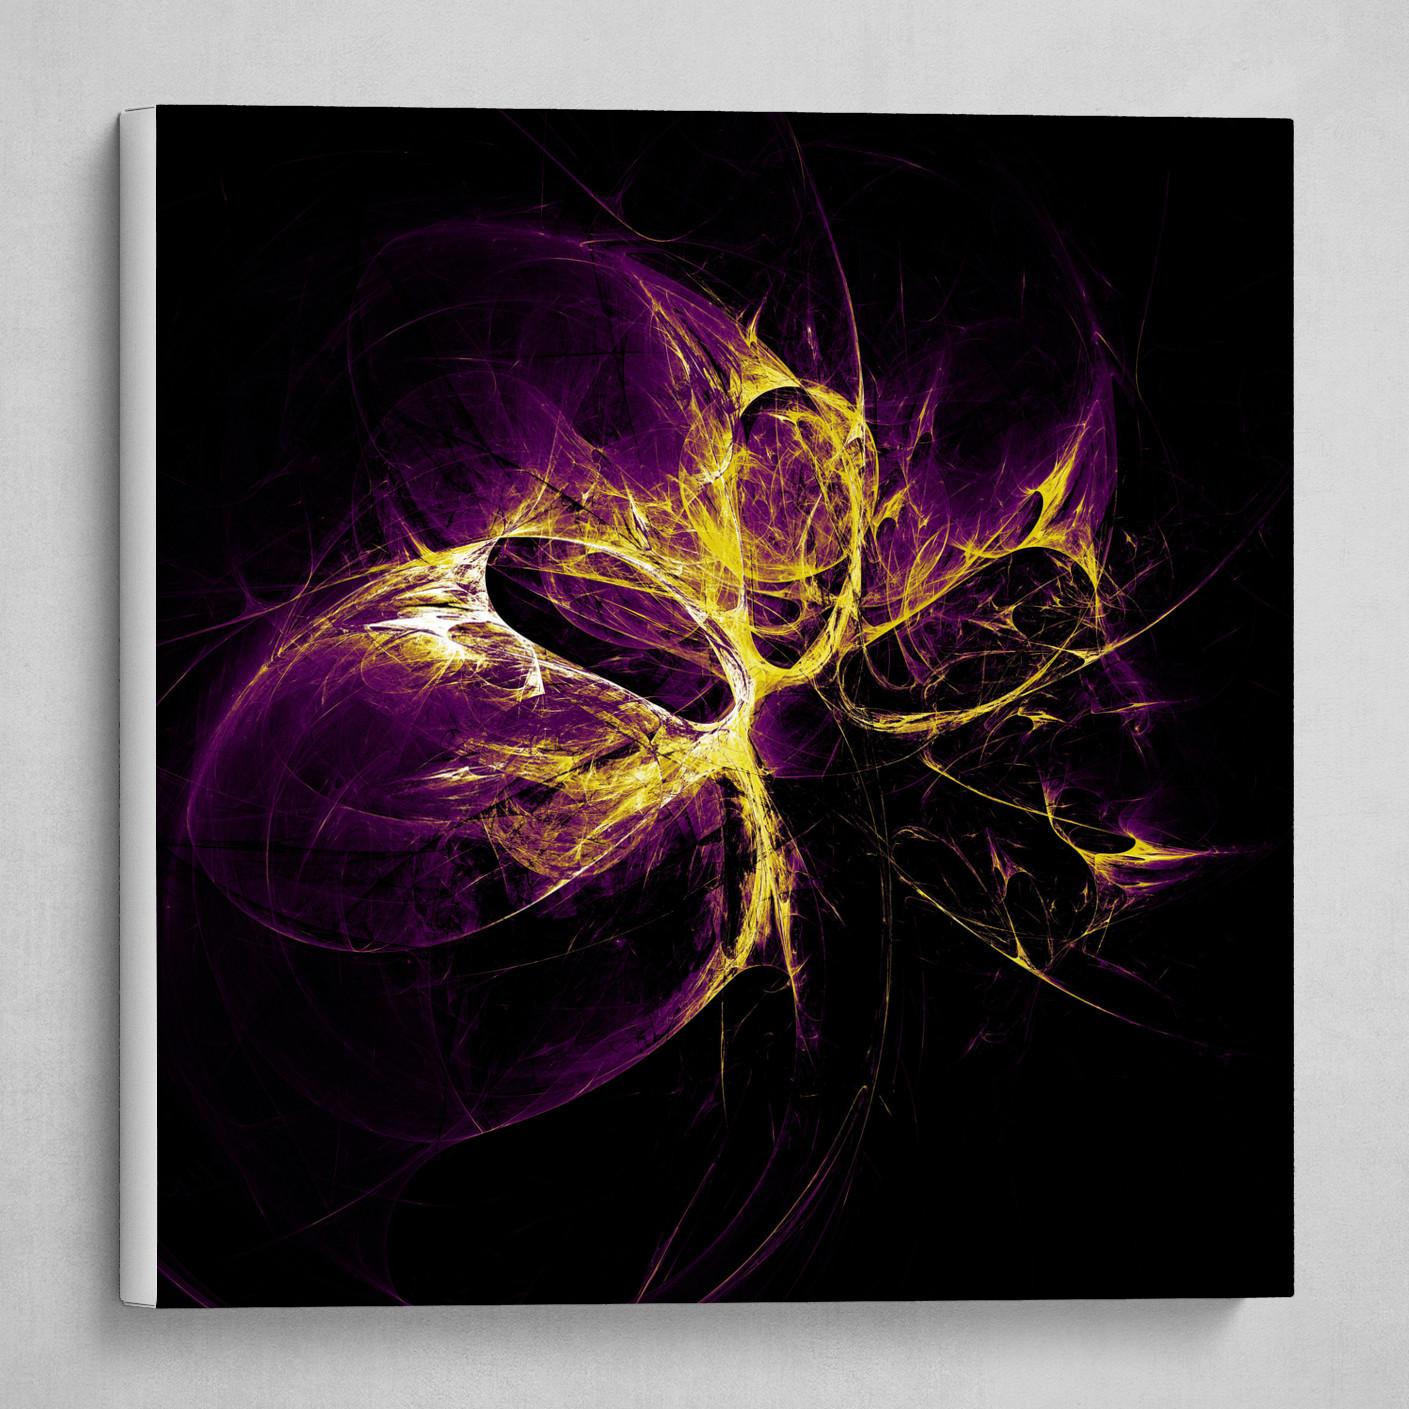 fractal vortex